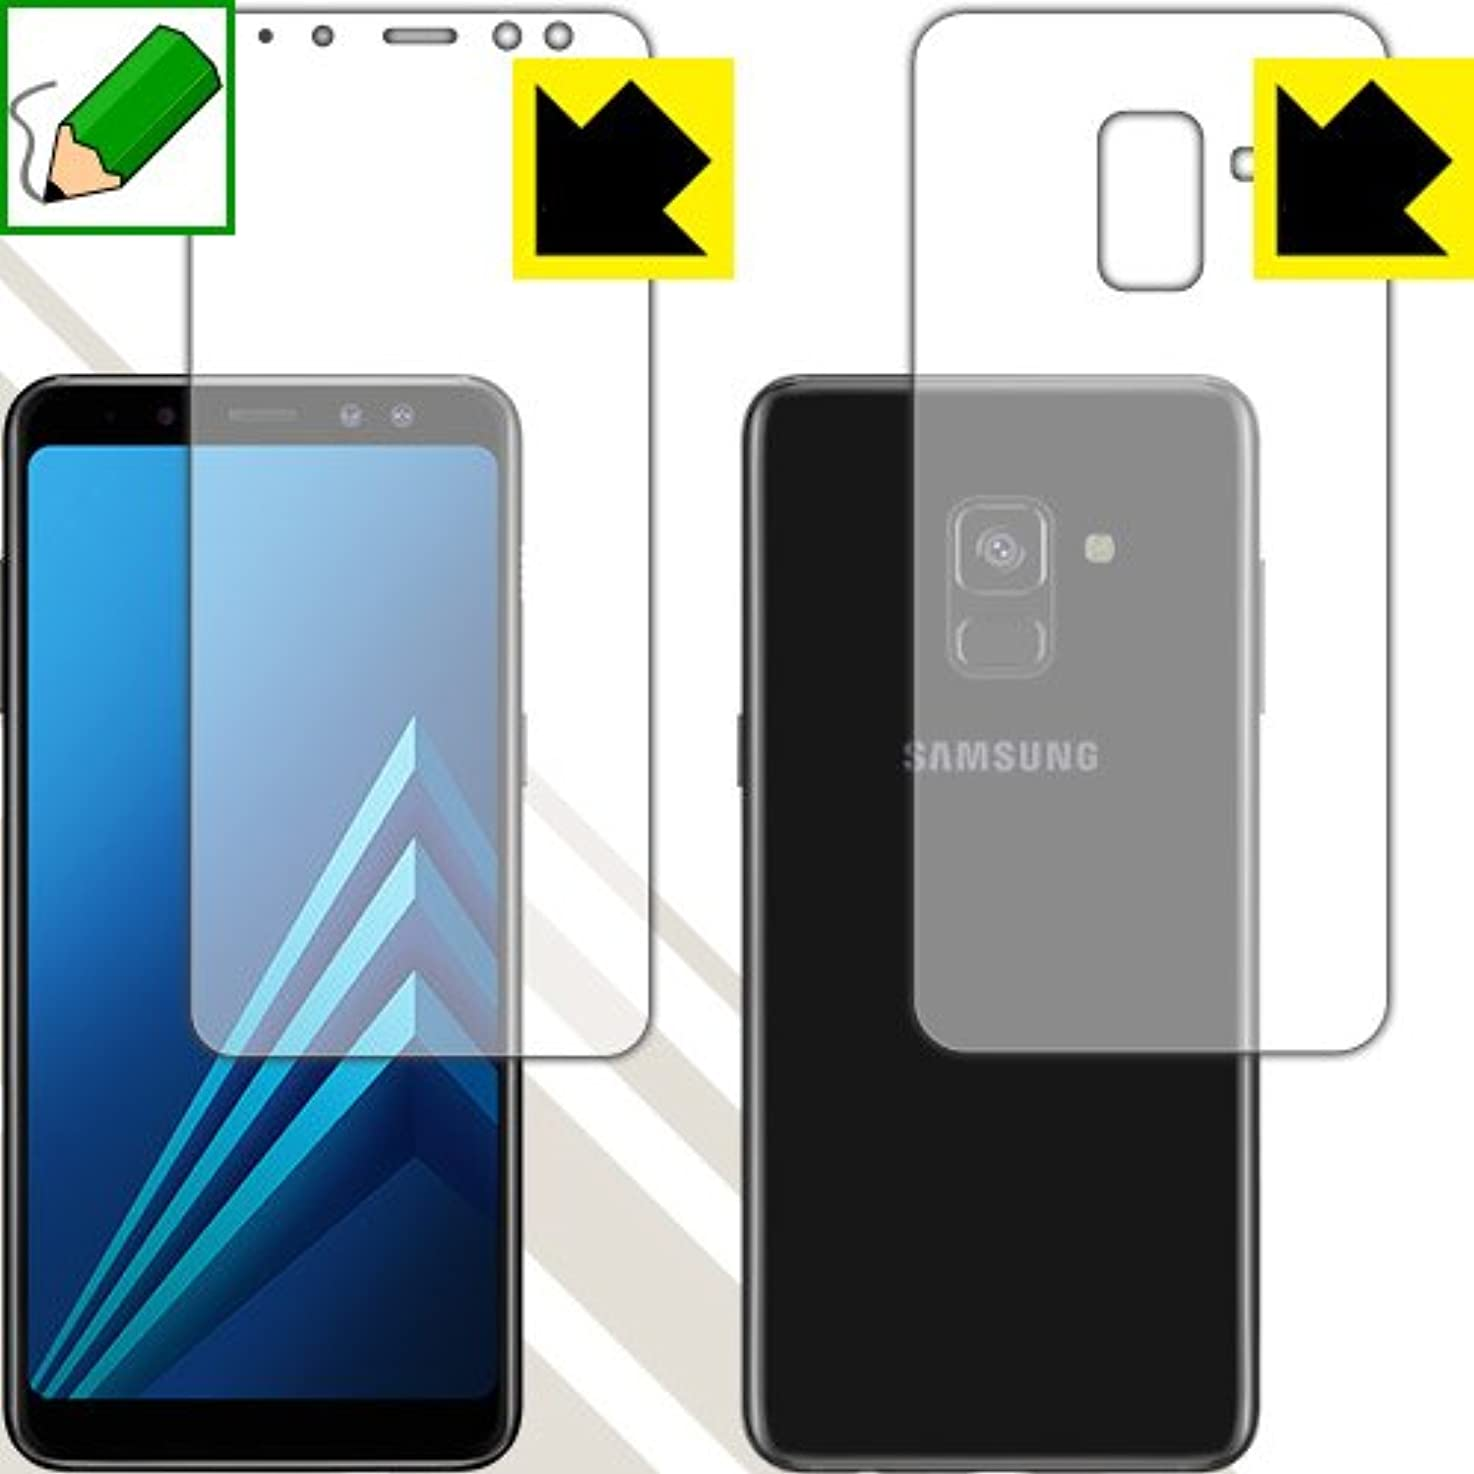 親指直立ランチョン特殊処理で紙のような描き心地を実現 ペーパーライク保護フィルム Galaxy A8 (2018) SM-A530F 両面セット 日本製